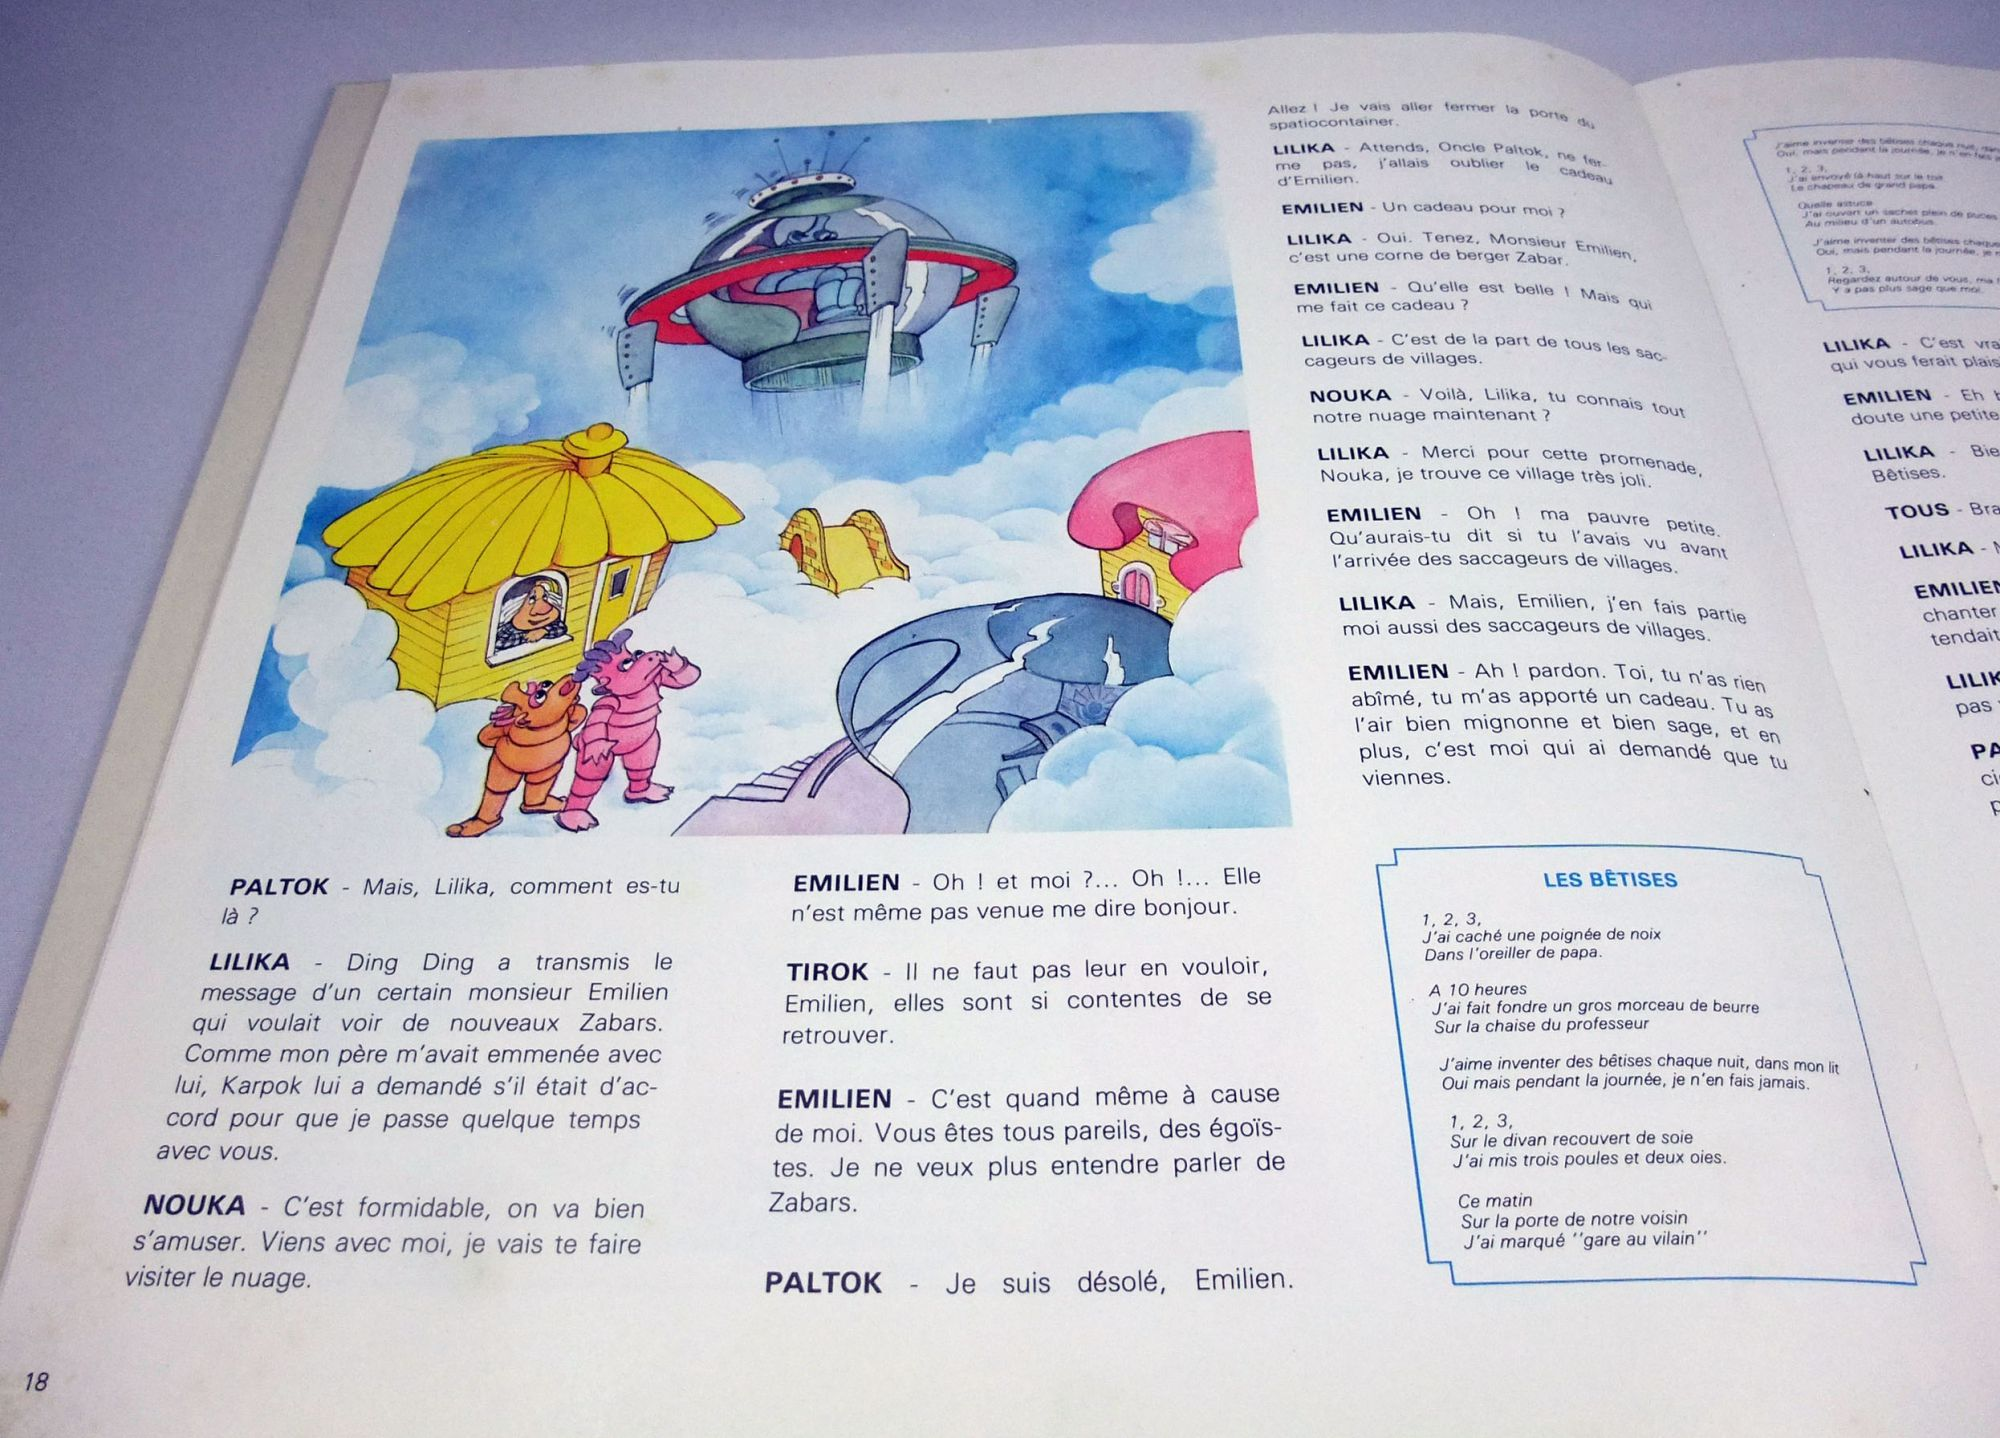 Le village dans les nuages - Livre-cassette -  3 Aventures des Zabars - Le Petit Menestrel Adès 1982